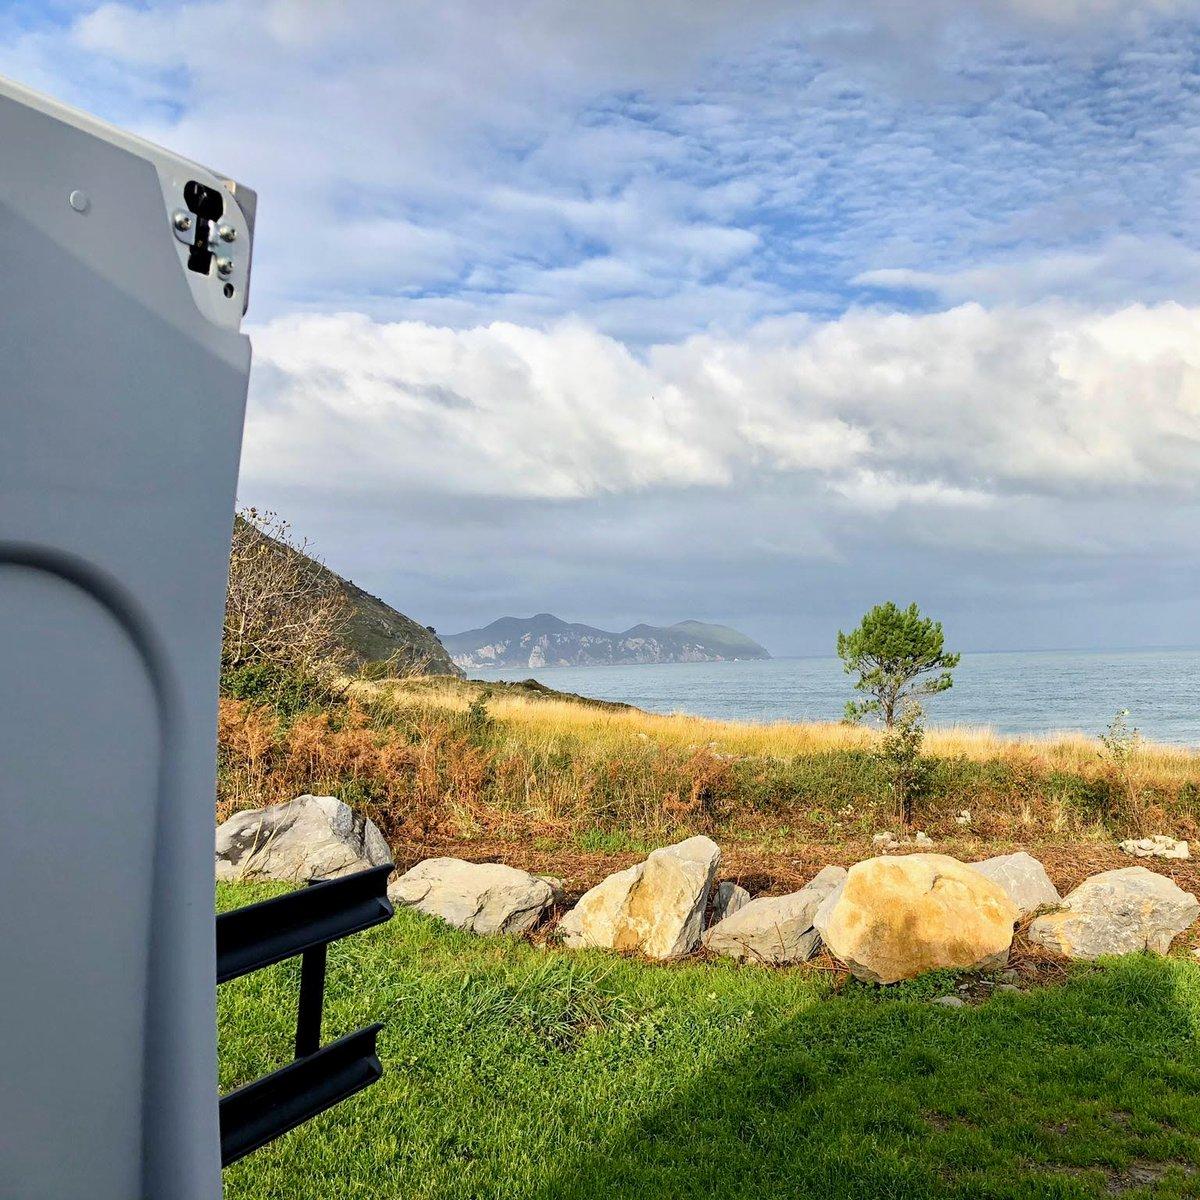 Lo maravilloso de levantarse por la mañana 🔆 y simplemente contemplar desde la cama de la 🚐#camper  Gracias Carmen por la foto 😀👍   #bycamper #paisvasco #costanorte #vacaciones #viaje #camperlife #naturaleza #mardelnorte #escapada #camperstyle #autocaravanas